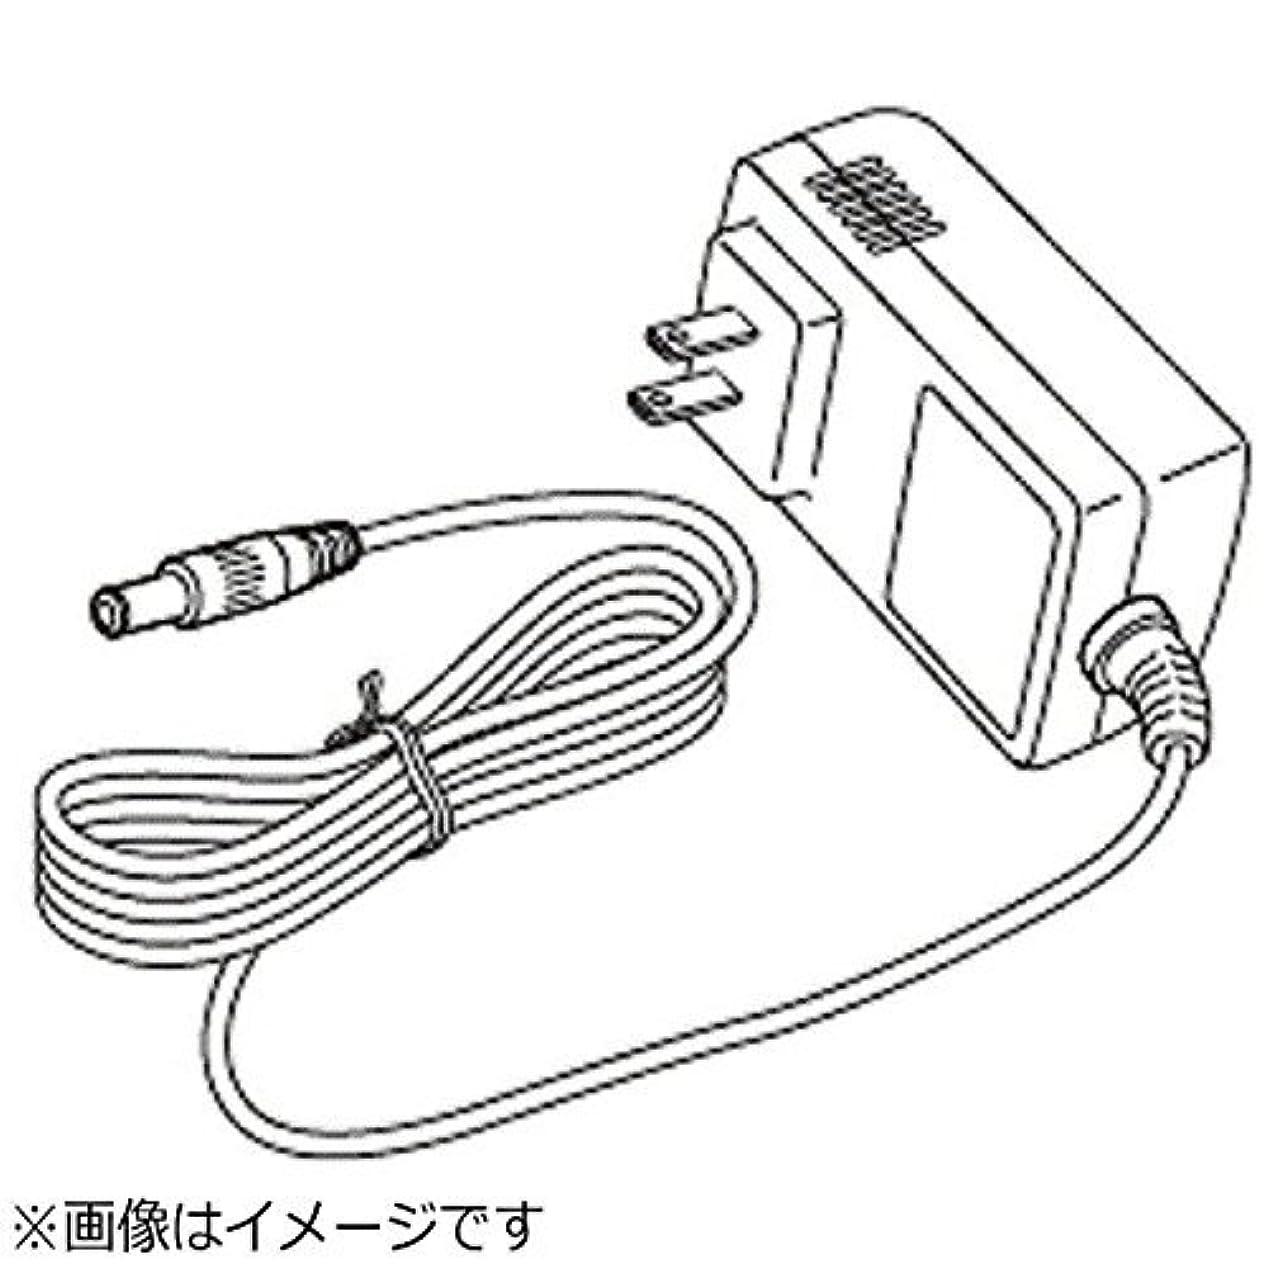 試す台風先見の明オムロン マッサージャ専用 ACアダプタOMRON HM-141-AC2